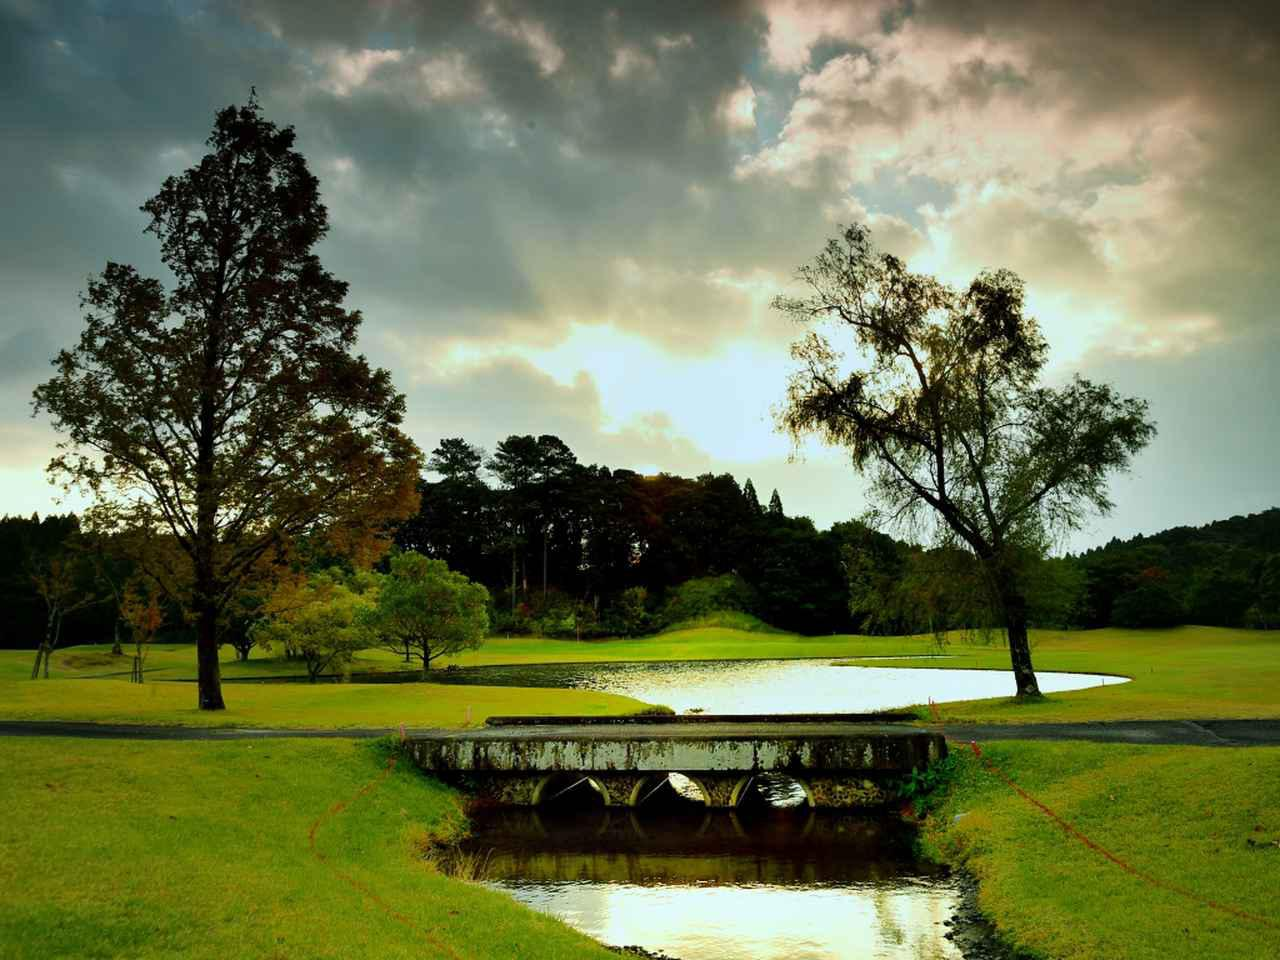 画像: 鹿児島高牧カントリークラブ グリーン左手前の池が美しい8番パー5。セカンドショットの番手選びがポイント